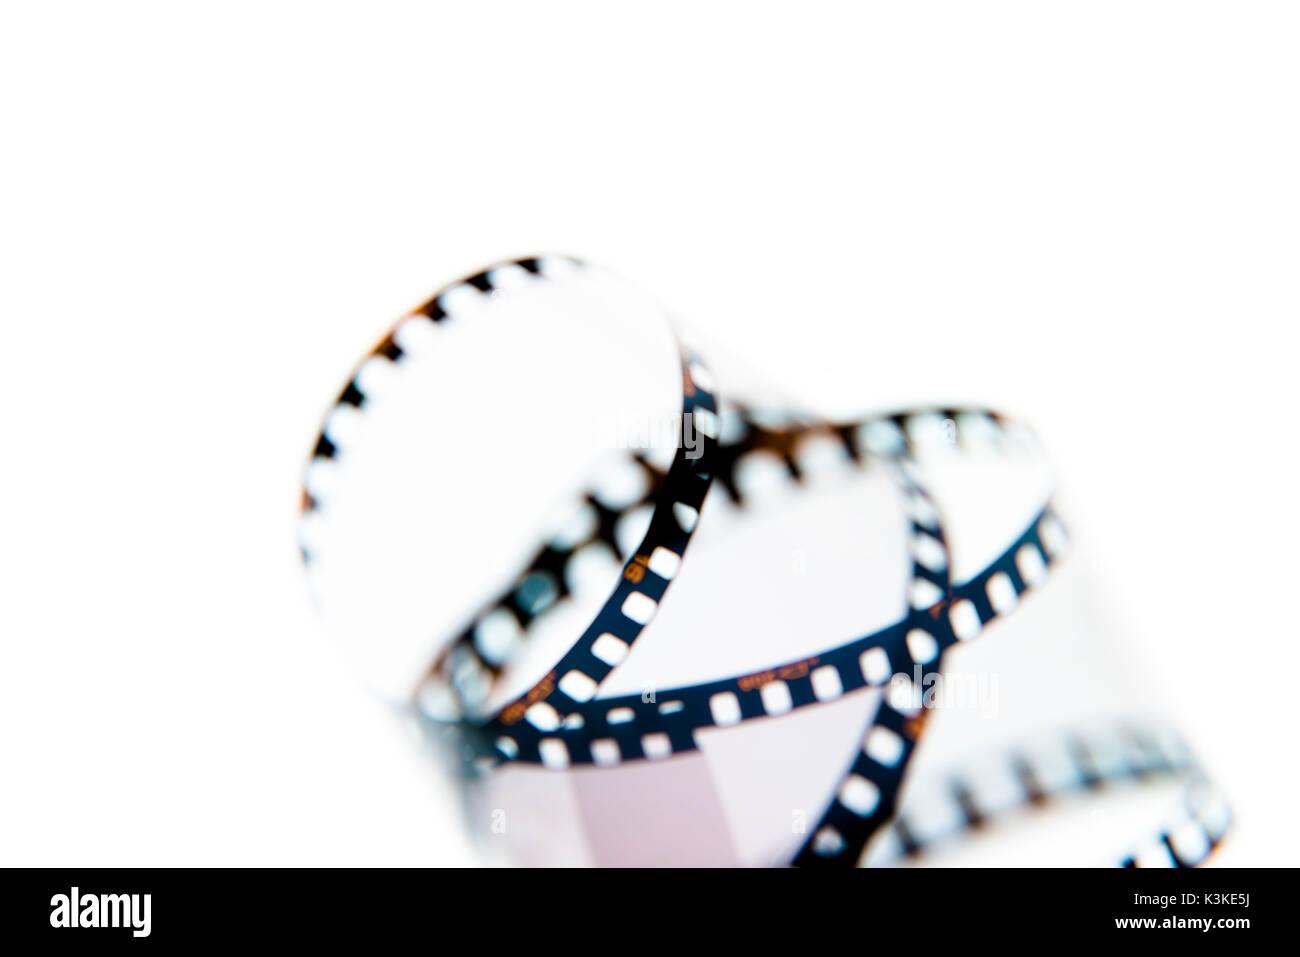 analogous film strips - Stock Image